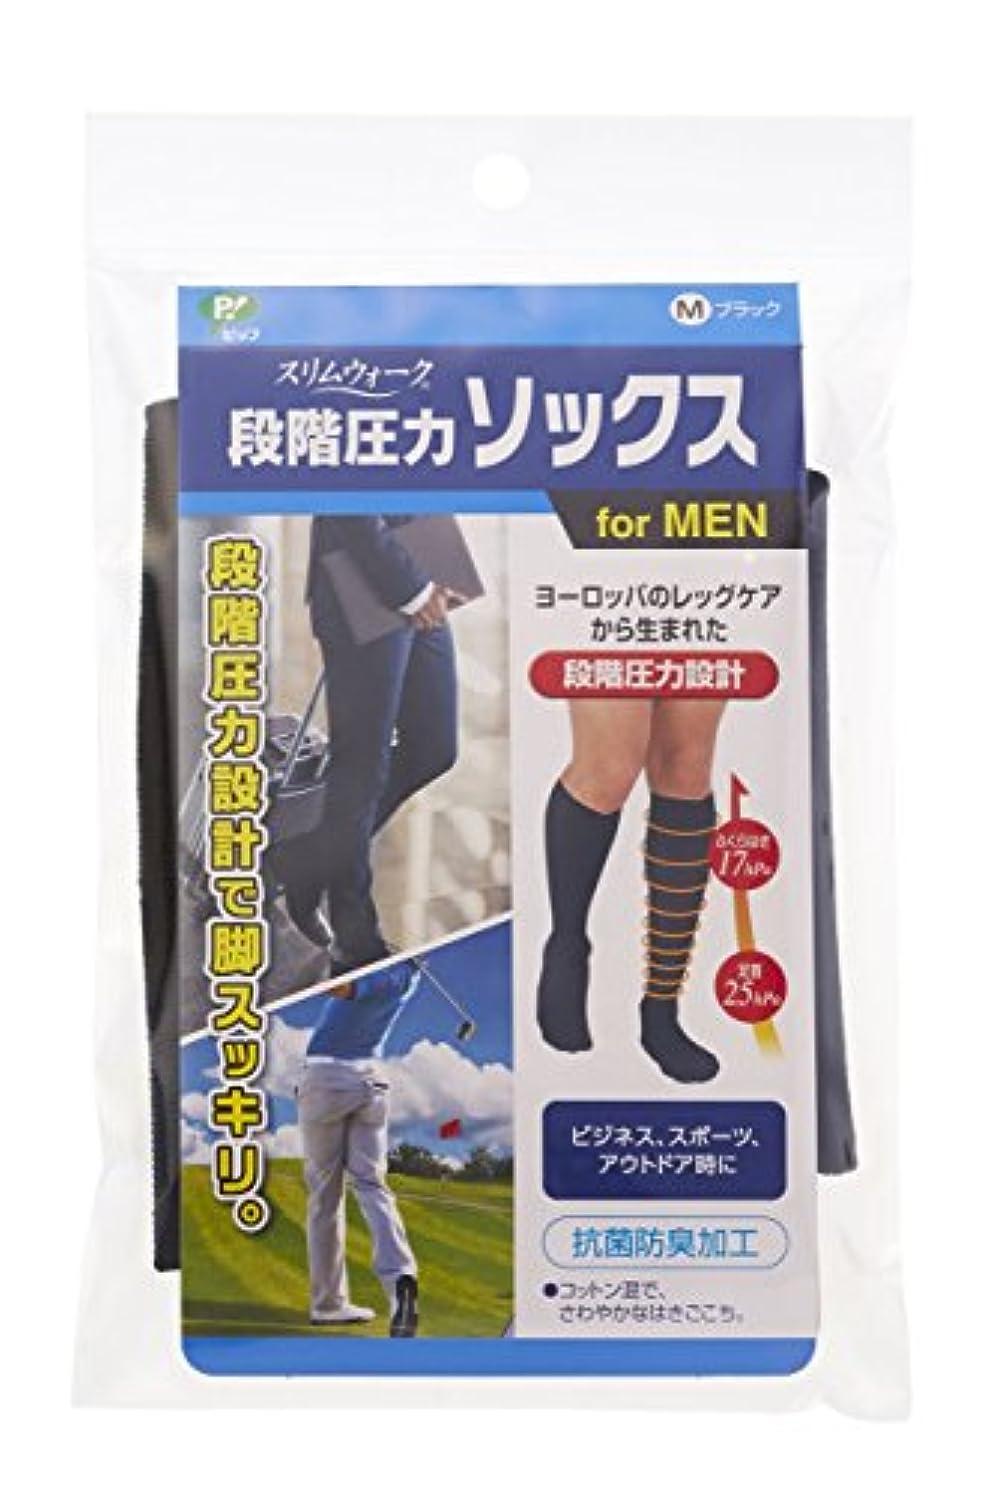 一時的過度に粉砕するピップ スリムウォーク 段階圧力 ソックス ブラック M(SLIM WALK,socks for men,M) 着圧 ソックス